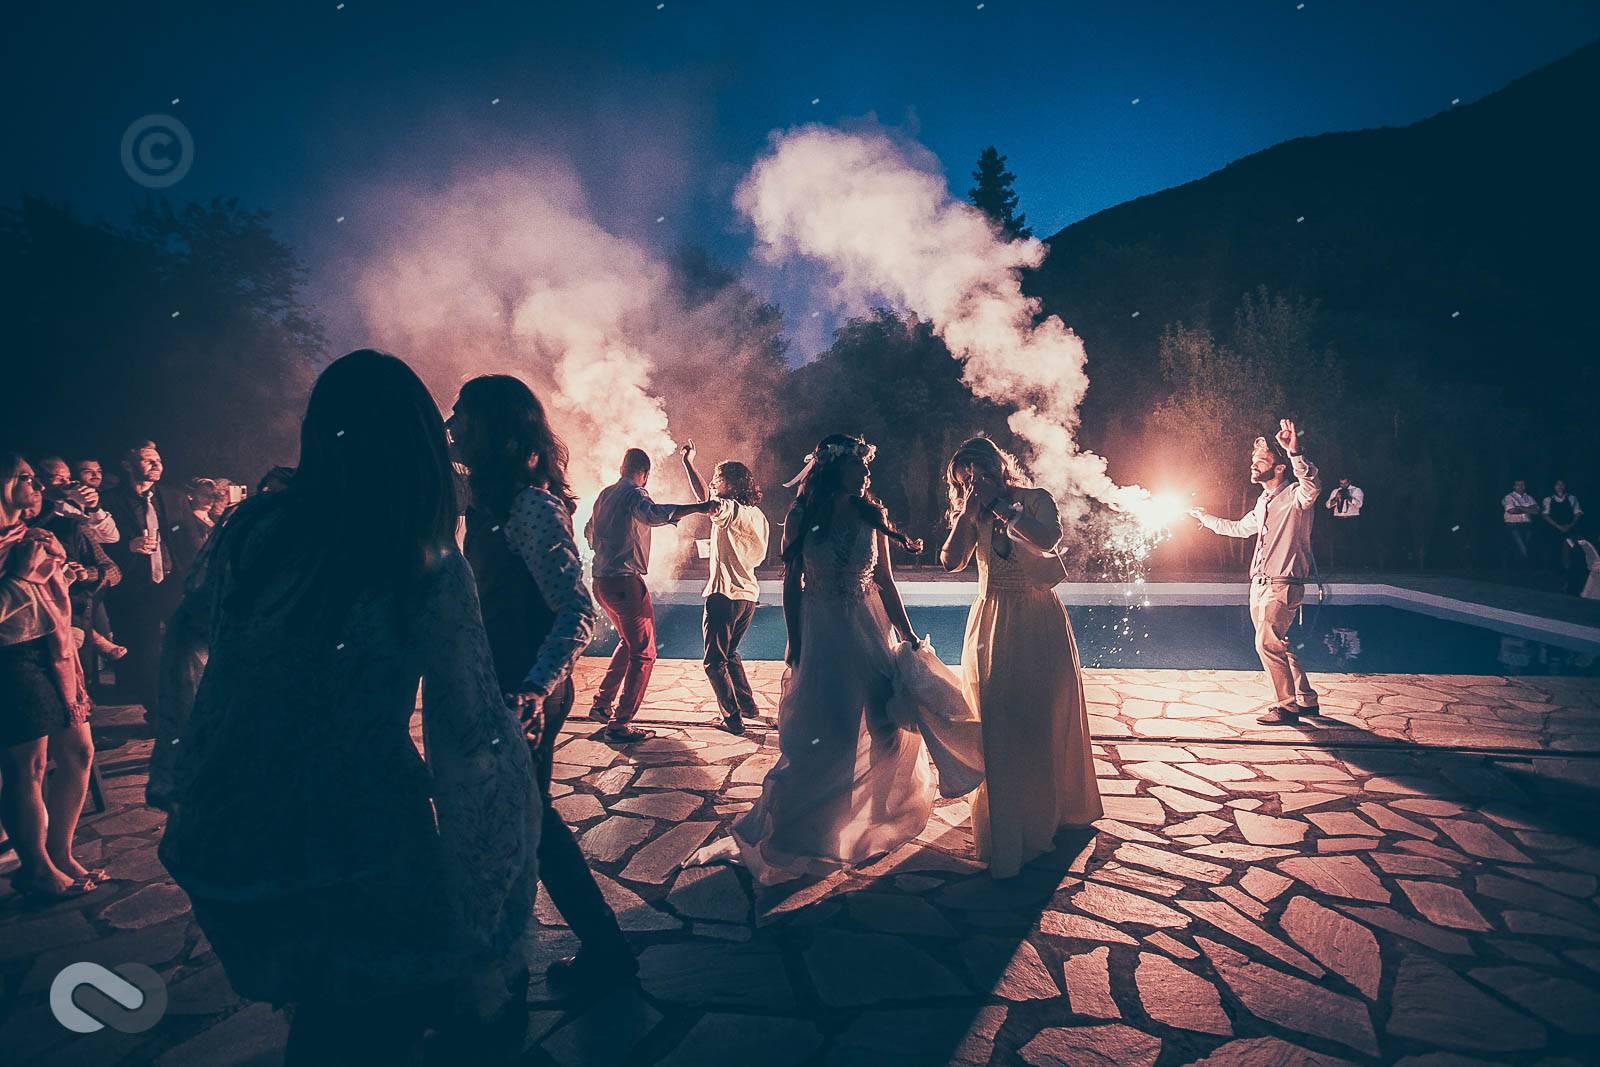 σήμερα θα το κάψουμε, γαμήλιο πάρτι